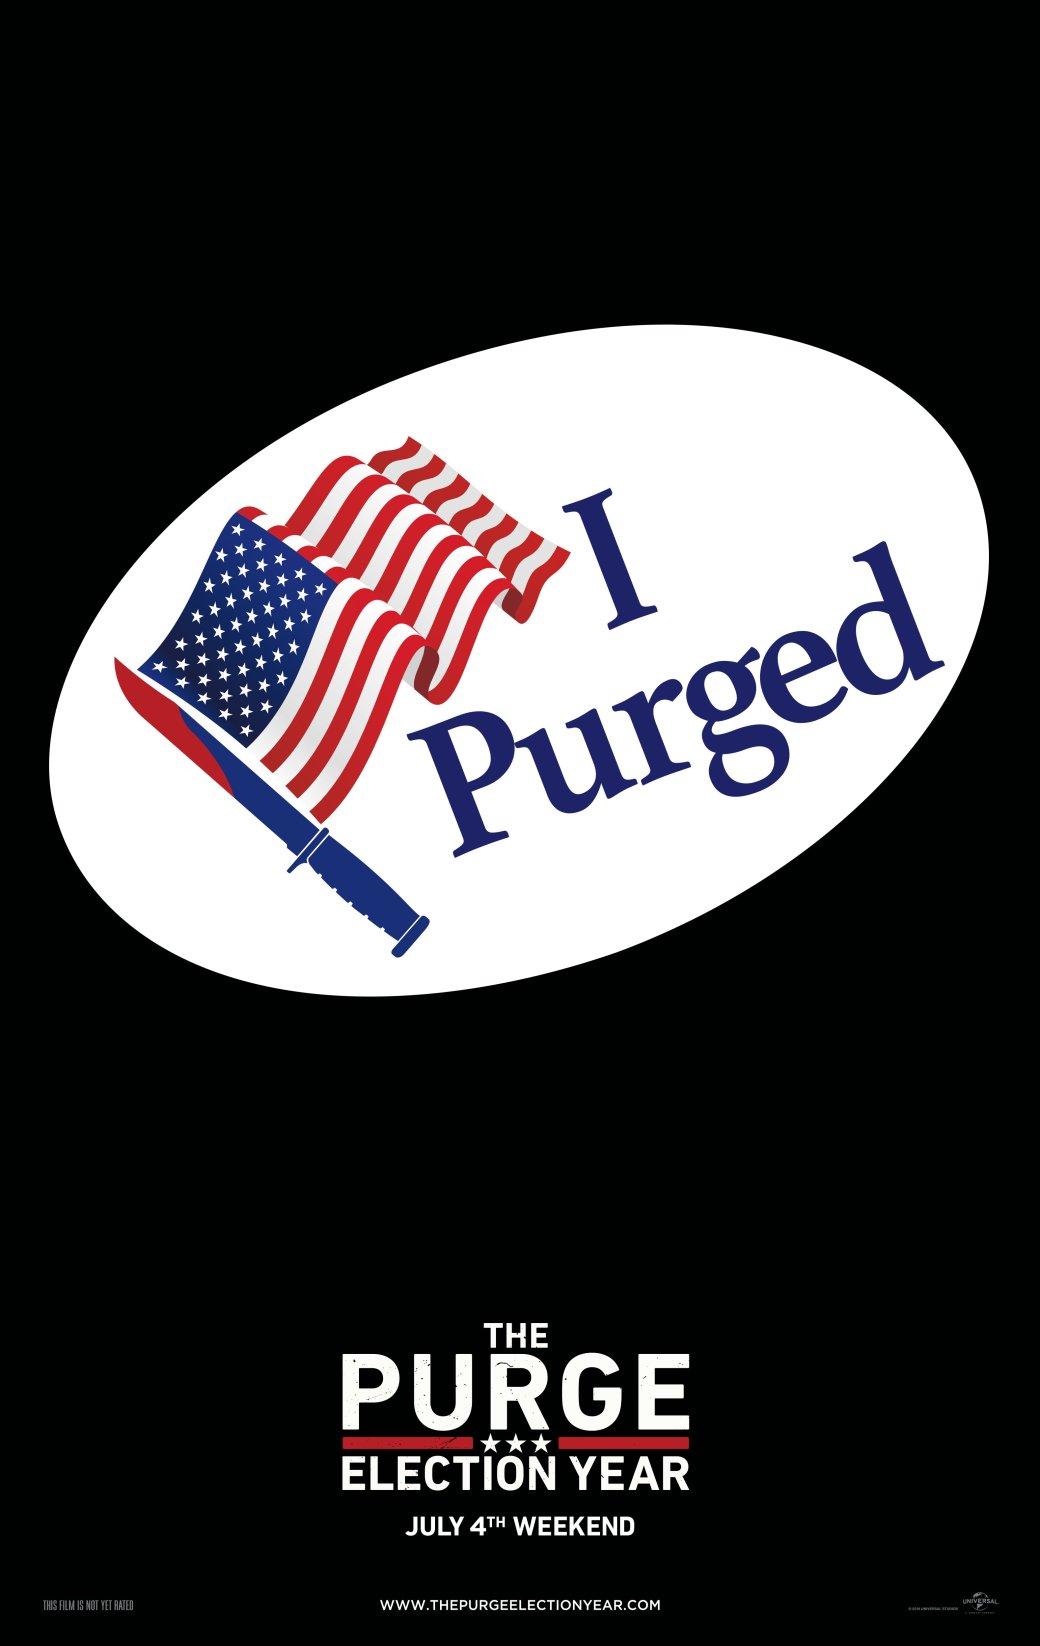 Фрэнк Грилло и Хиллари Клинтон пытаются пережить третью «Судную ночь» - Изображение 2